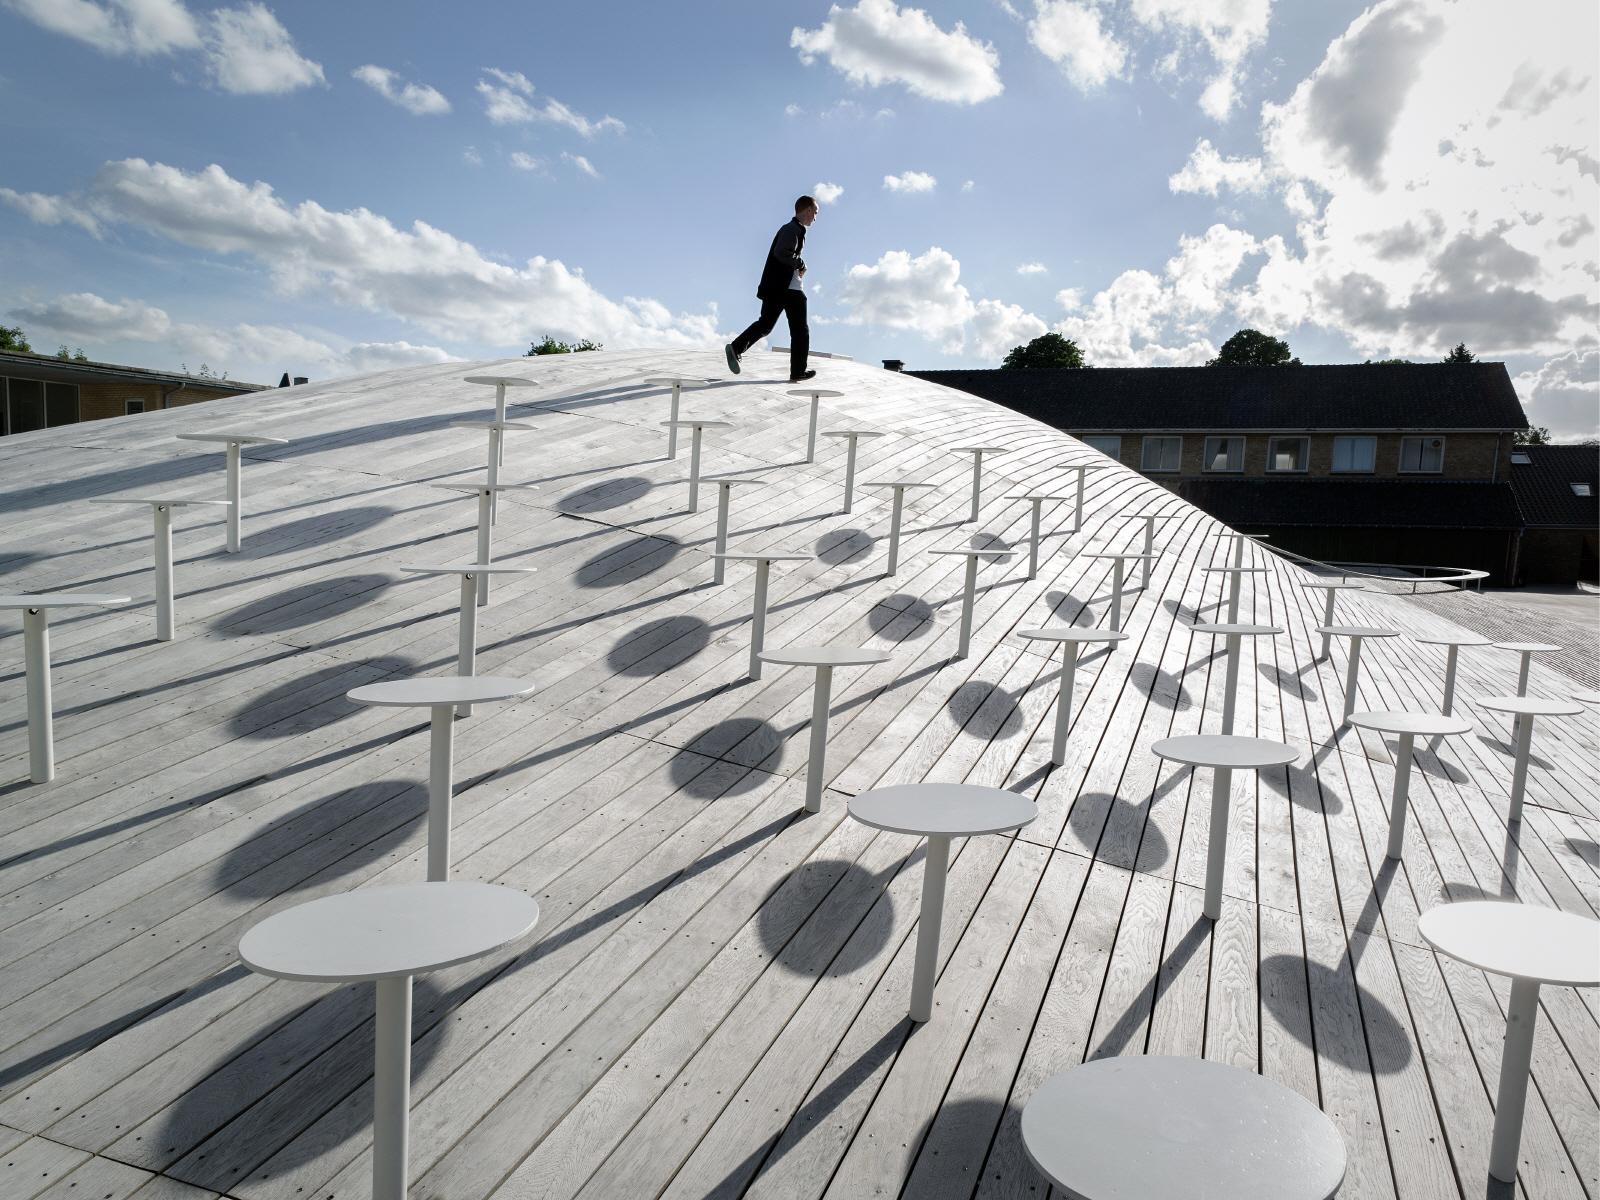 〔안정원의 건축 칼럼〕부드러운 곡면 목재 지붕의 다목적 홀과 결합한 카펫형 축구장 학교 3